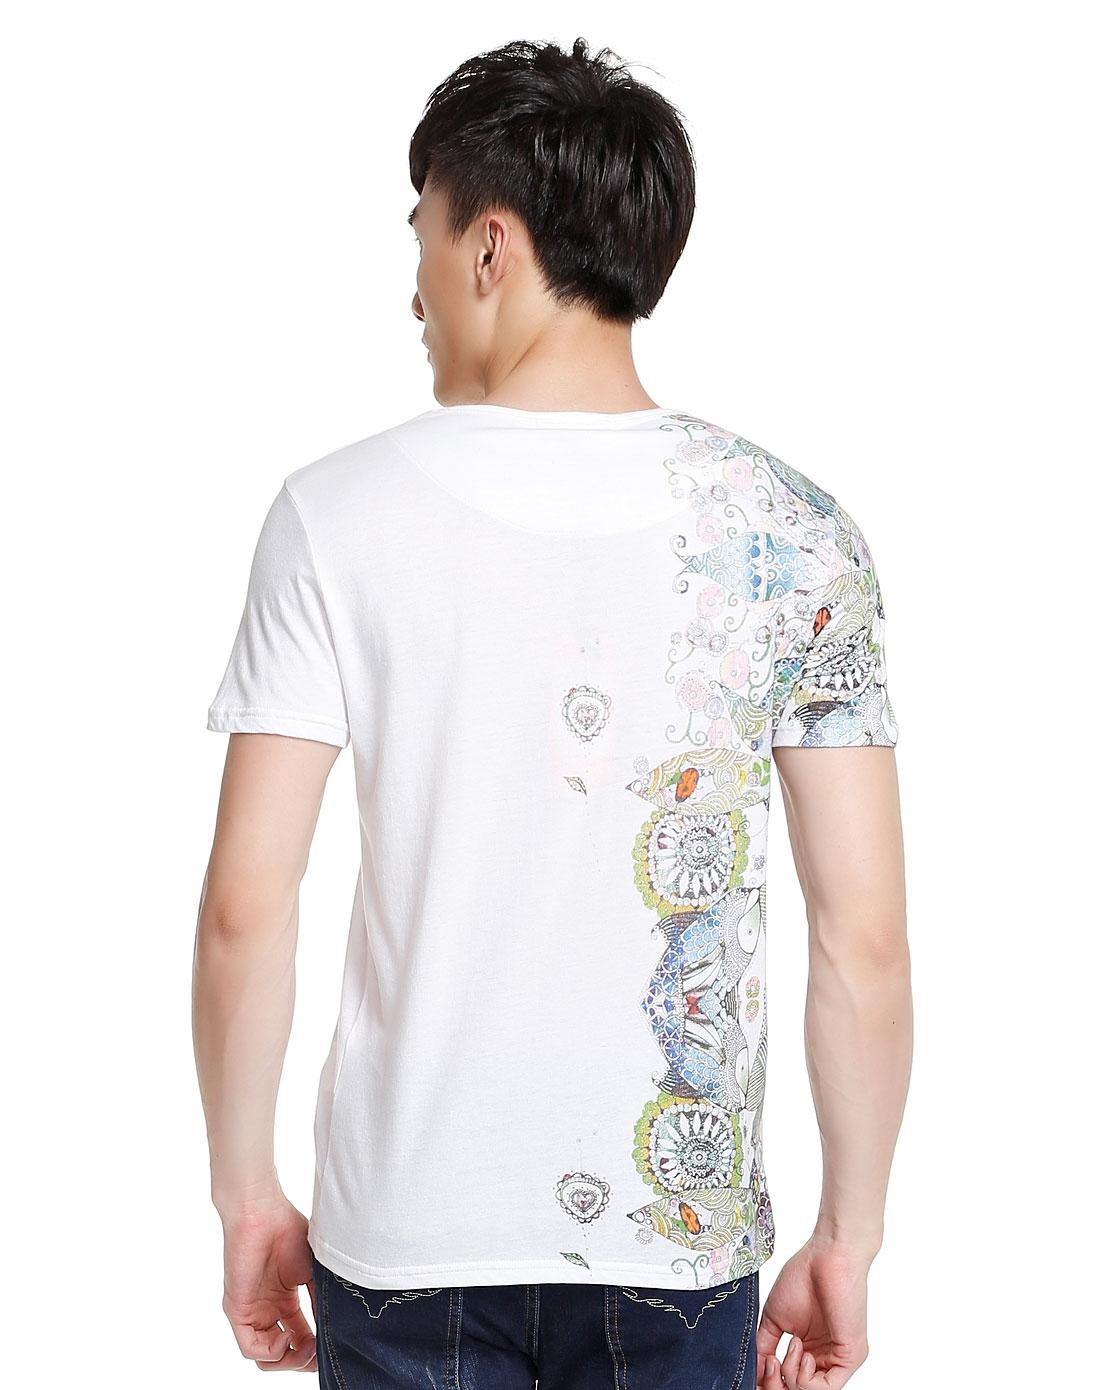 个性手绘鱼图白色短袖t恤